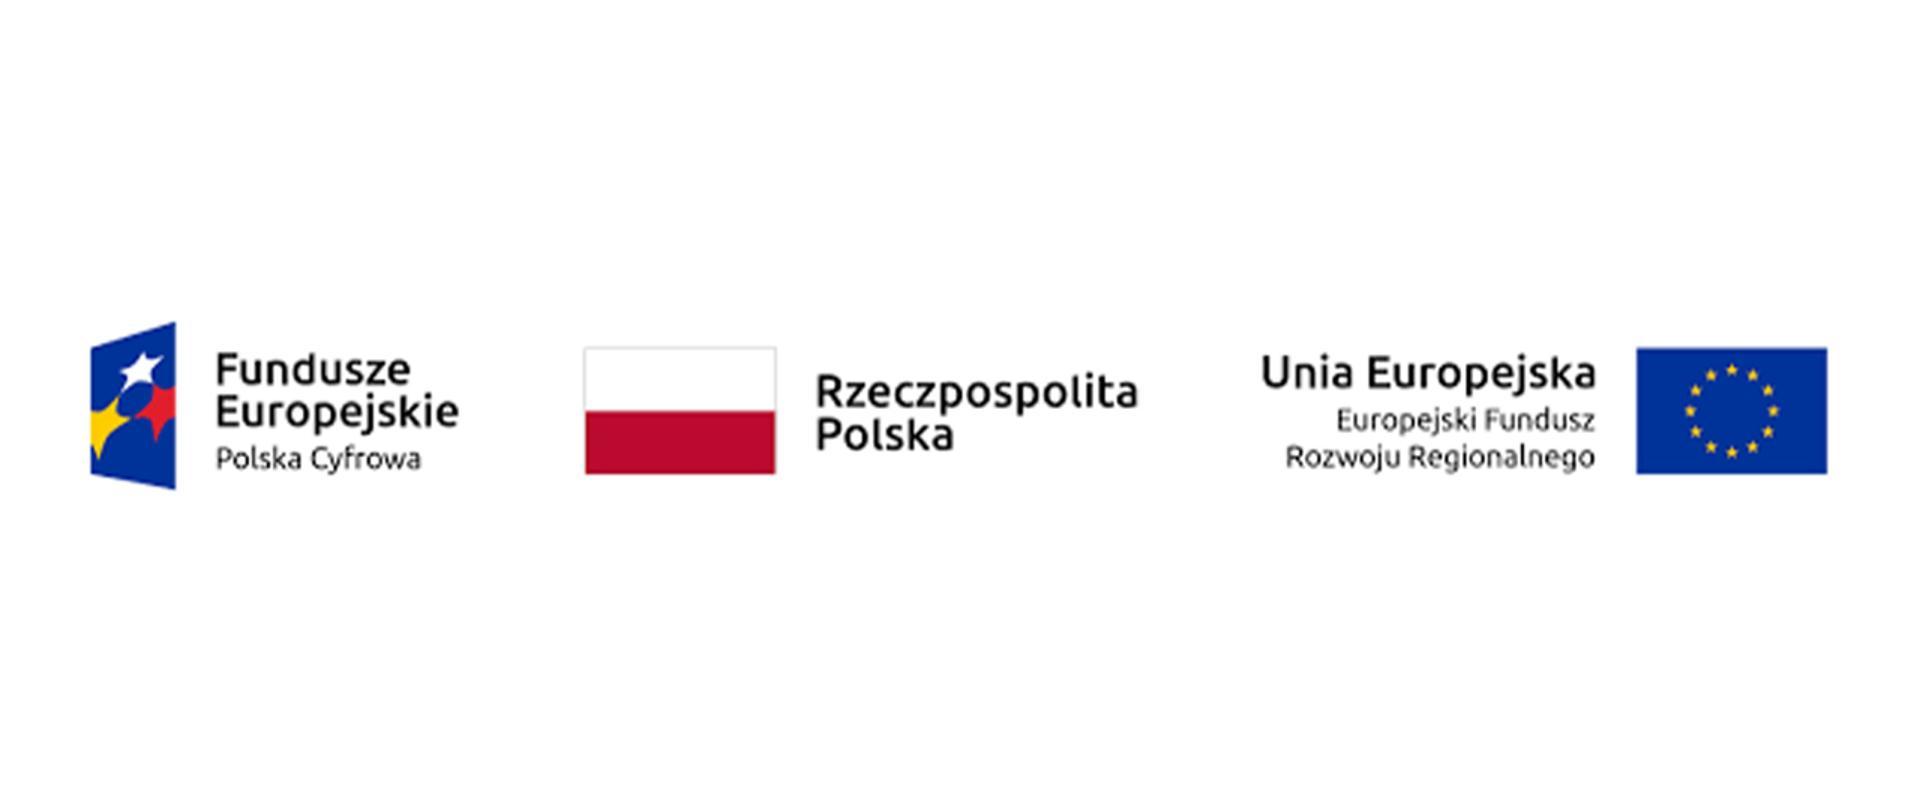 Logotyp partnera projektu: Fundusze Europejskie Polska Cyfrowa, Flaga RP, Flaga UE